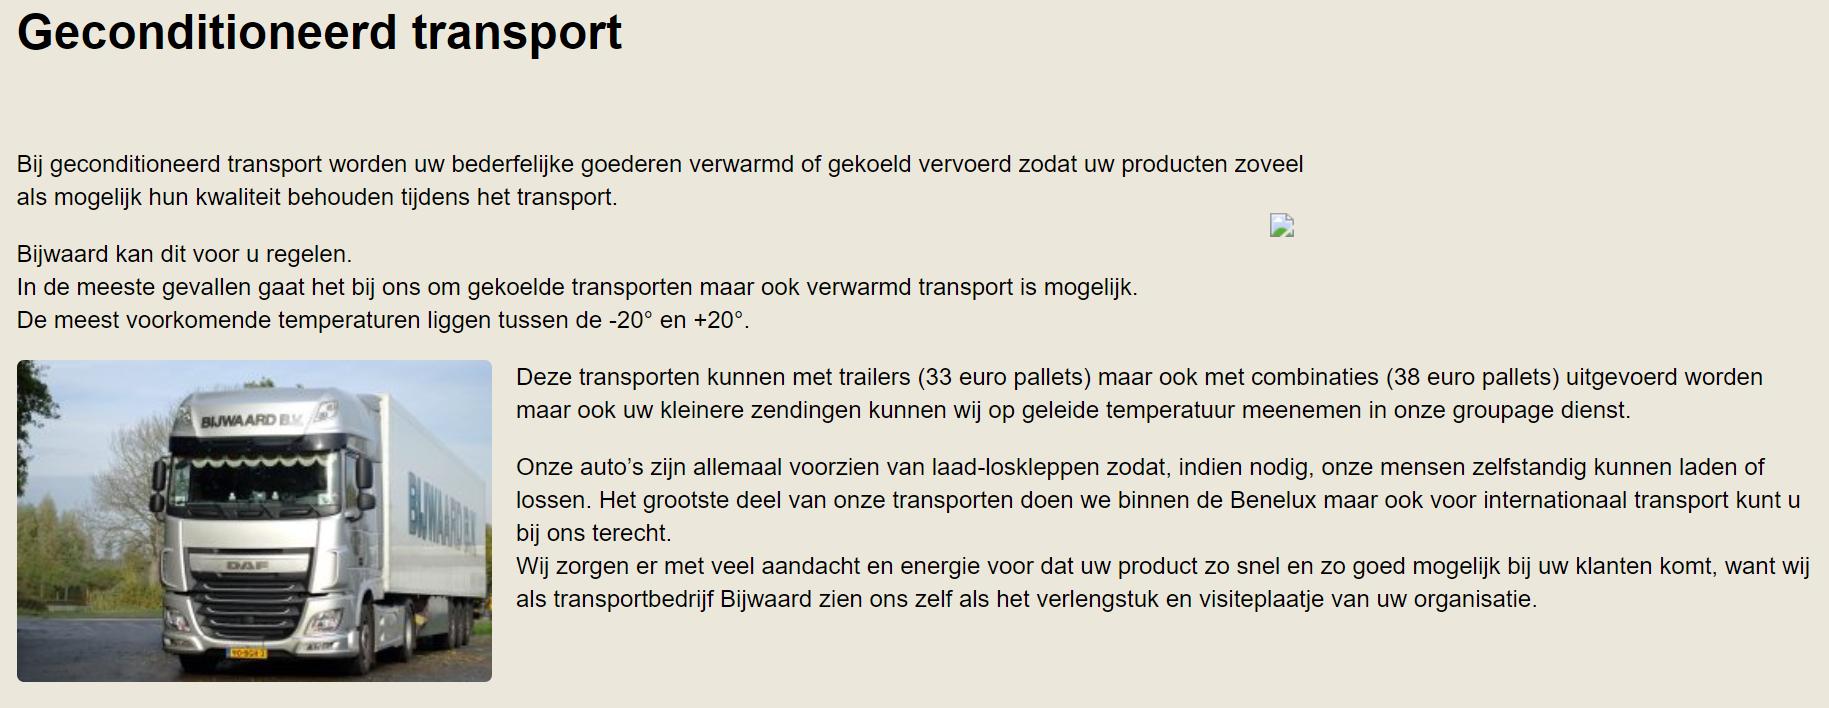 Geconditioneerd-Transport-(2)